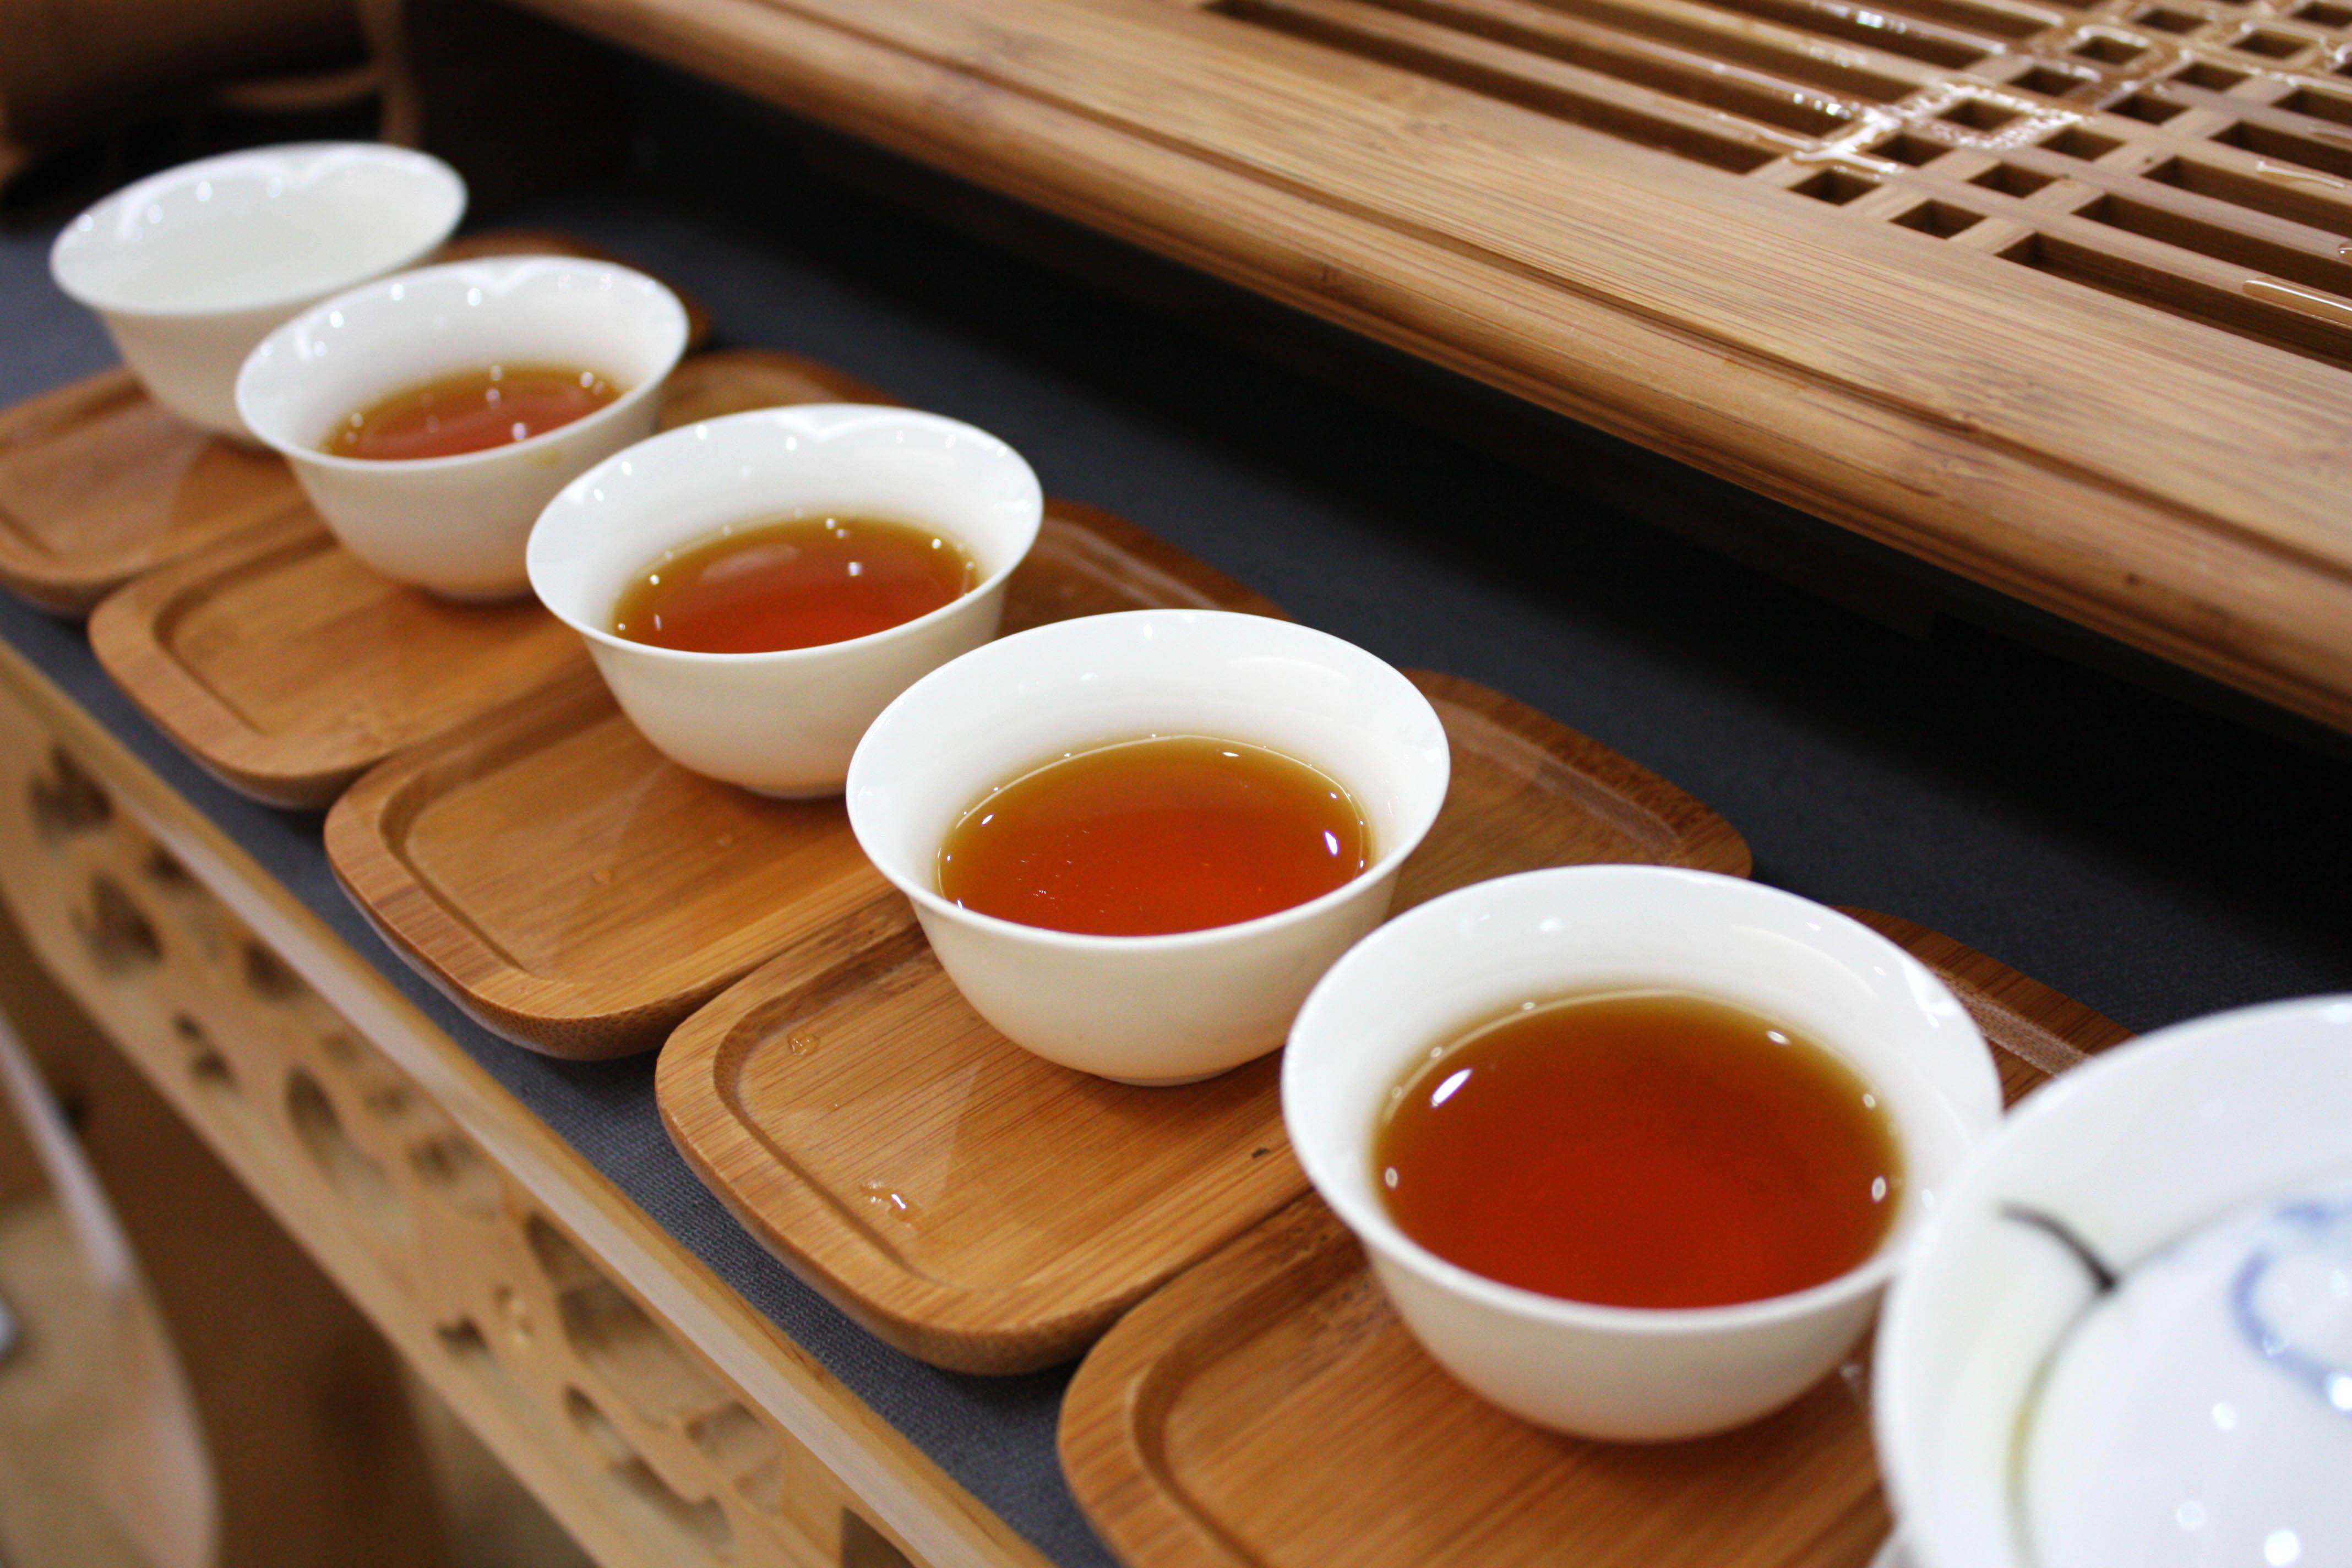 不宜喝茶的时间段是什么